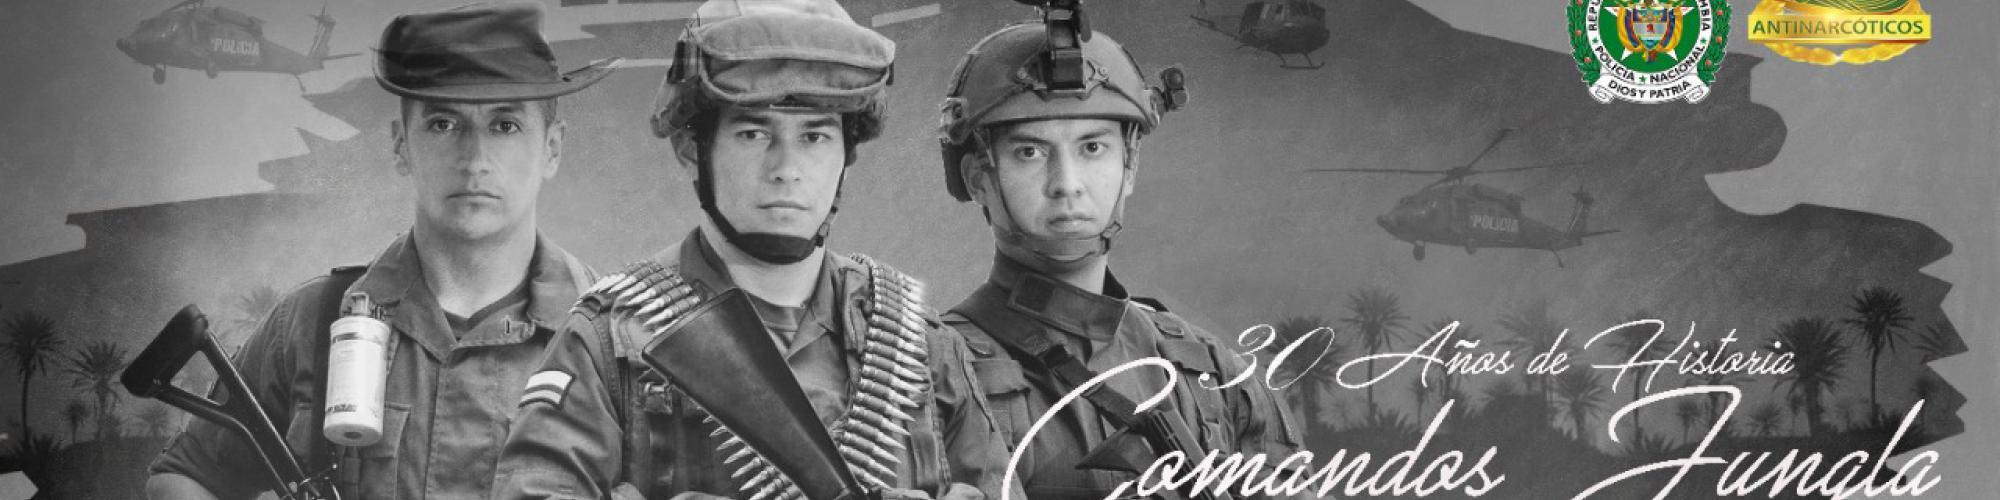 Comandos Jungla de la Policía Nacional